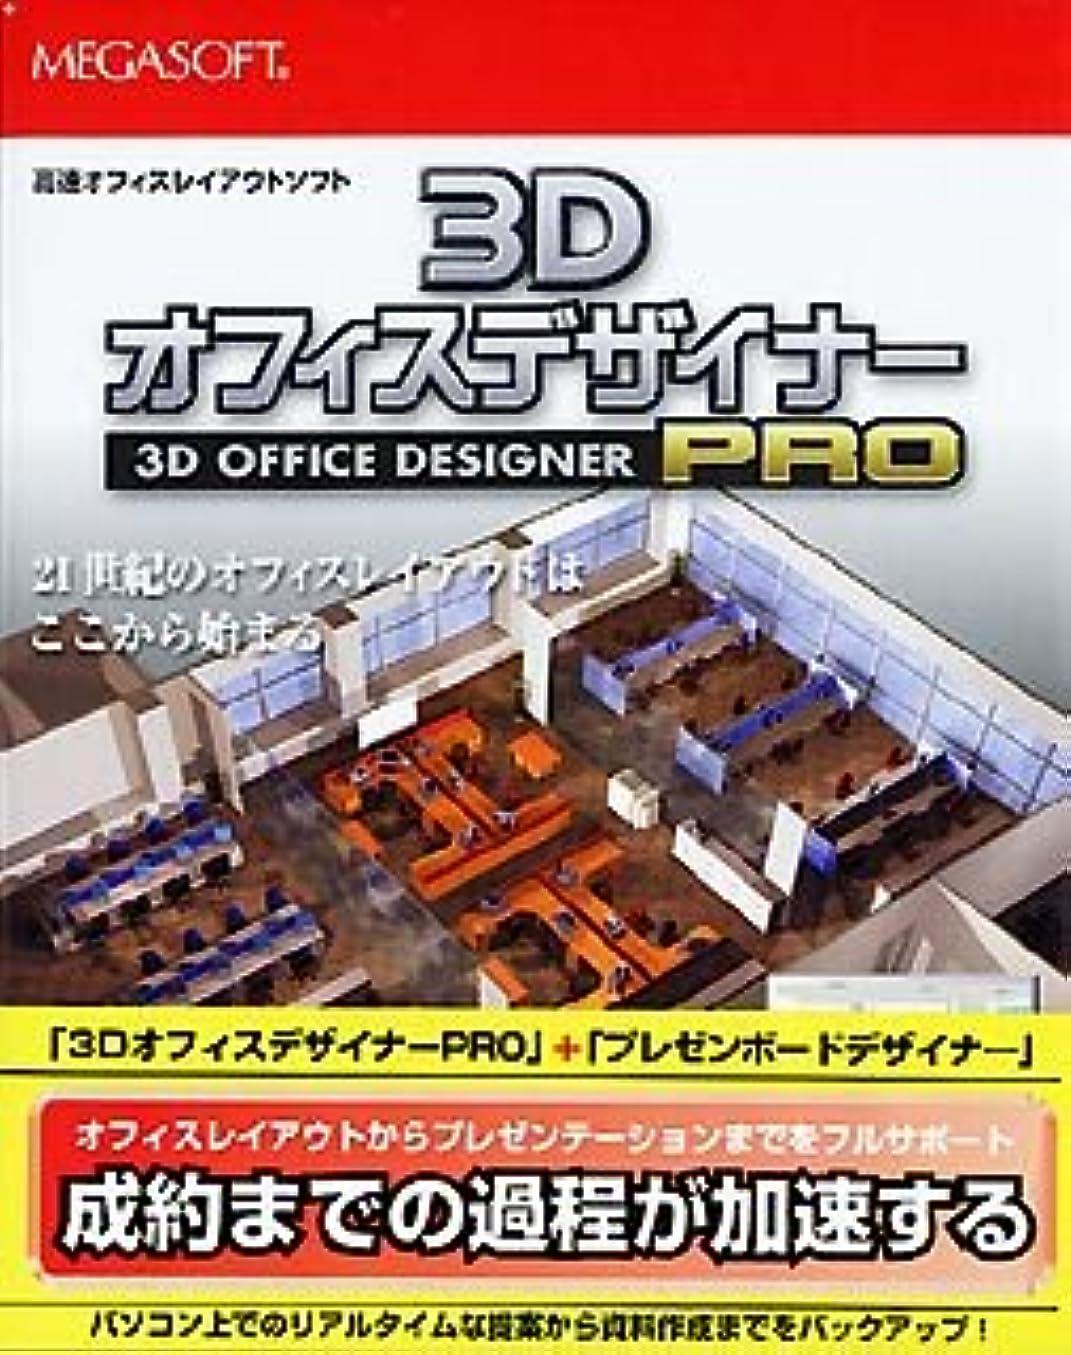 石のまたね付き添い人3Dオフィスデザイナー Pro プレゼンセット